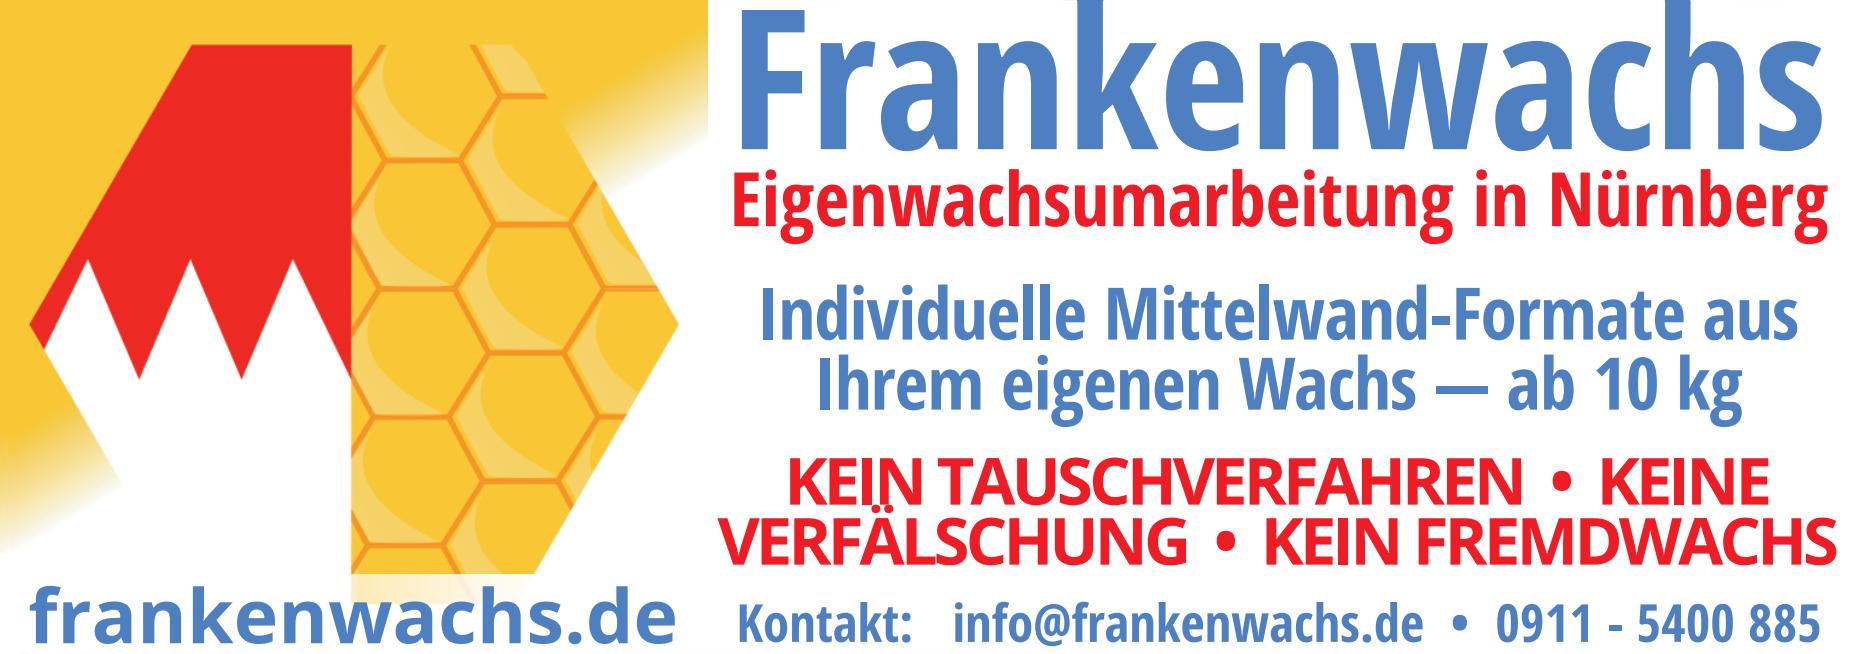 Frankenwachs-Wachsumarbeitung